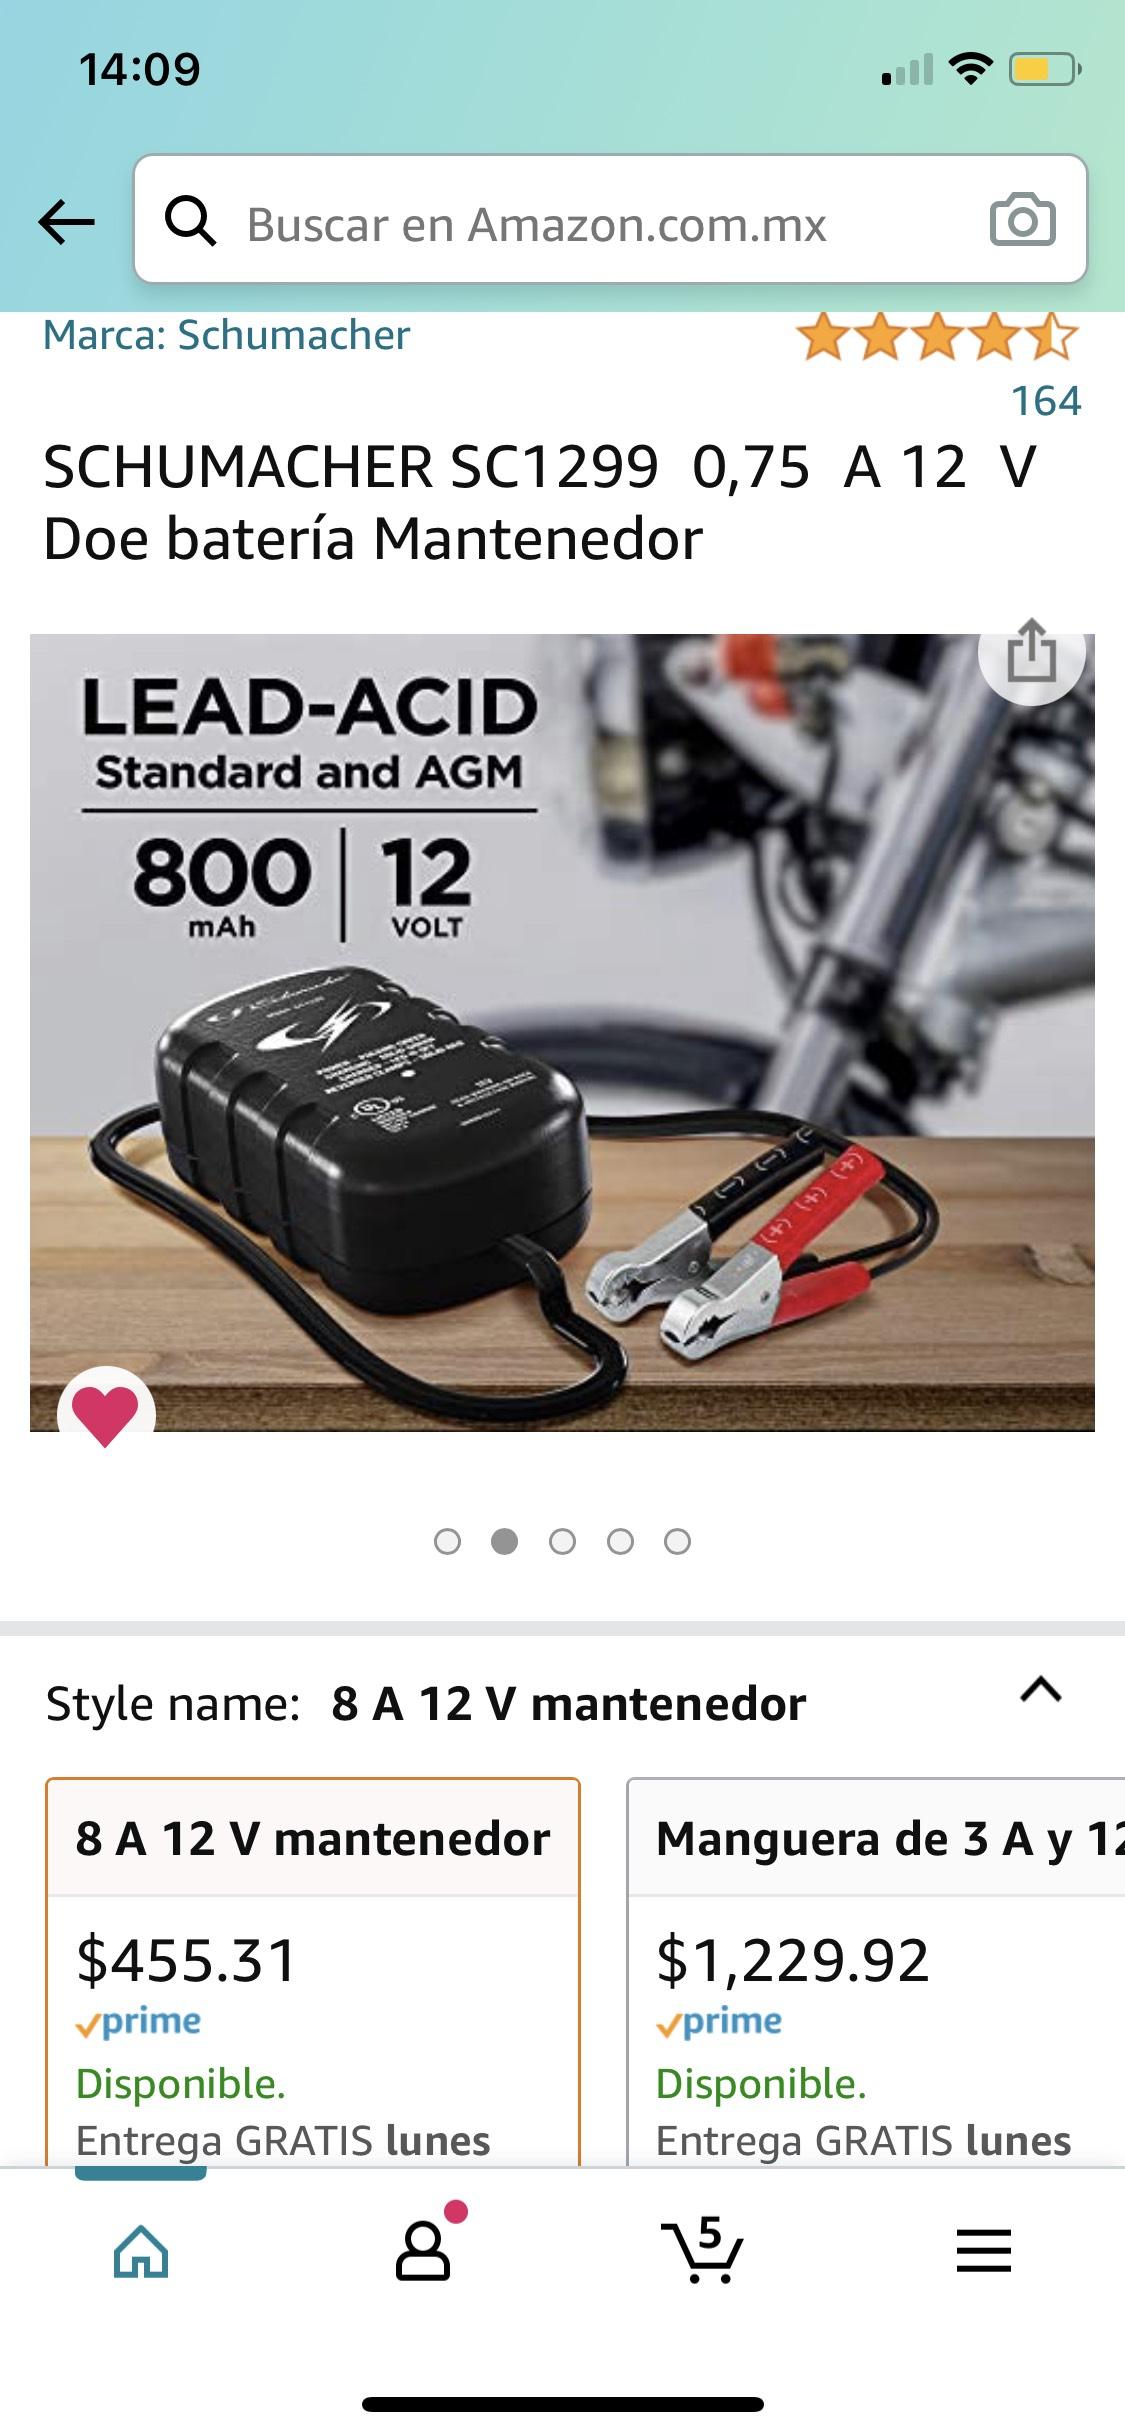 Amazon SCHUMACHER SC1299 0,75 A 12 V Doe batería Mantenedor